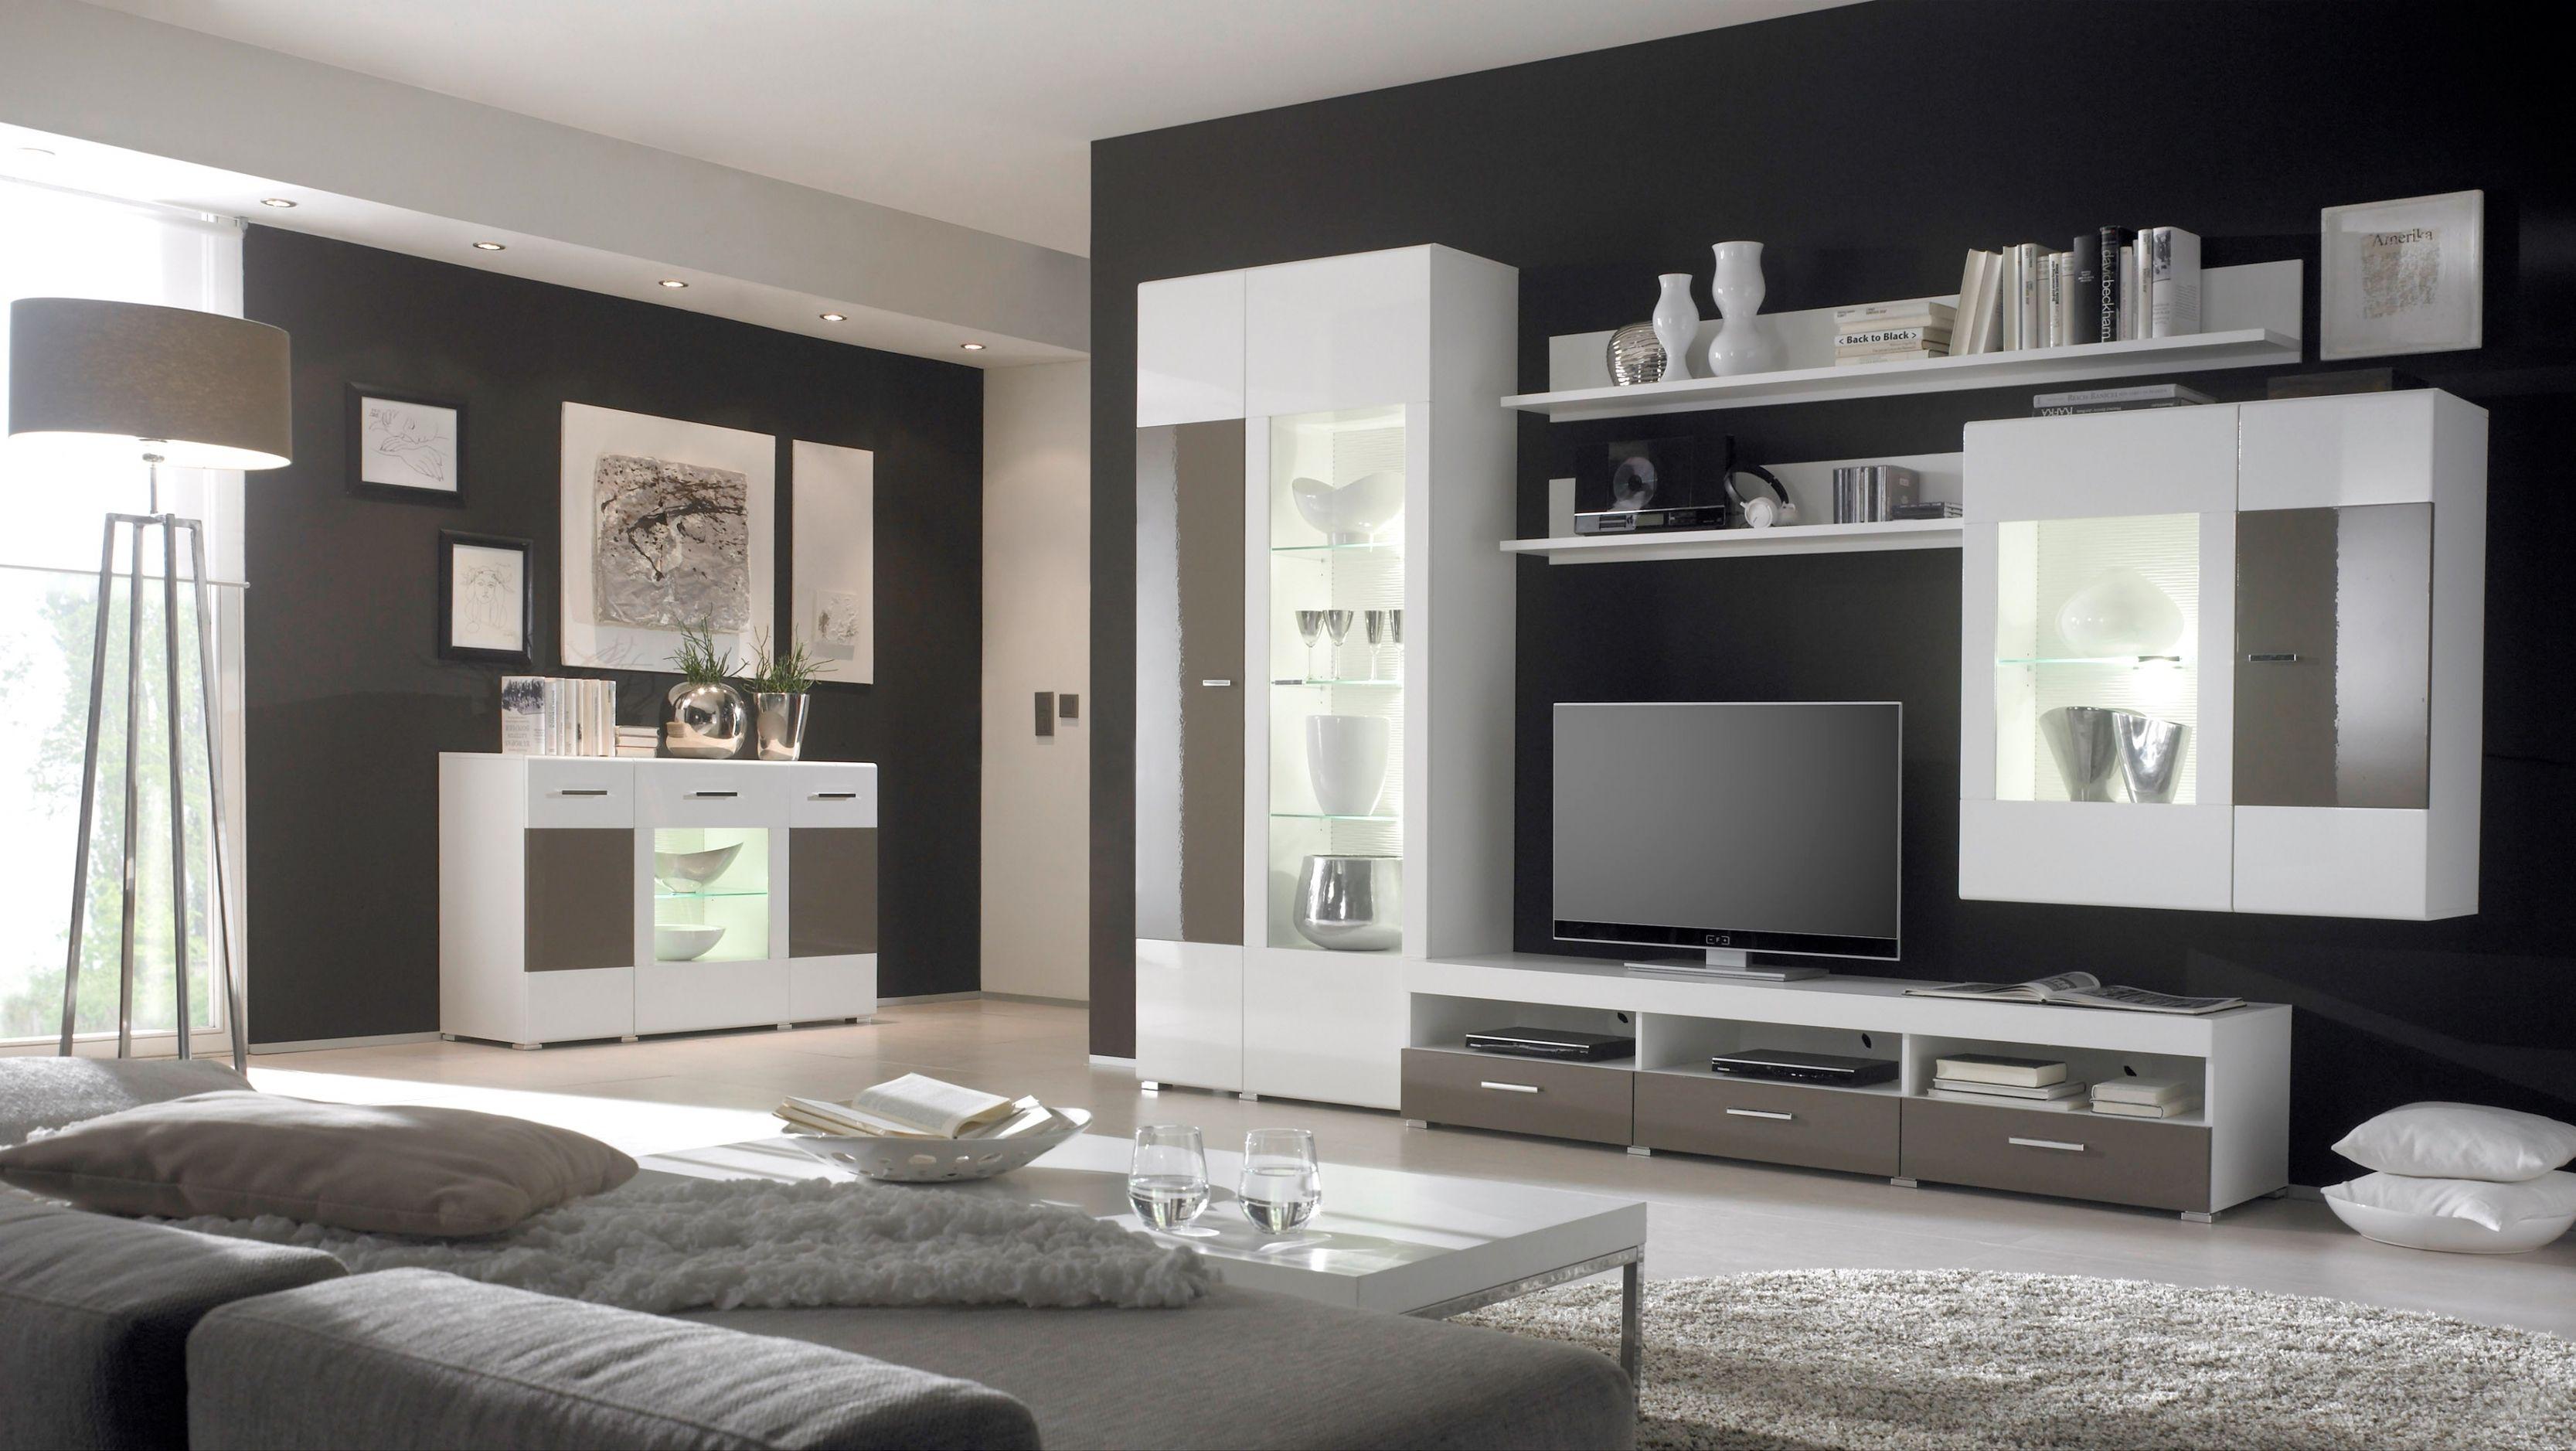 Inspirierend Streich Ideen Wohnzimmer Schema